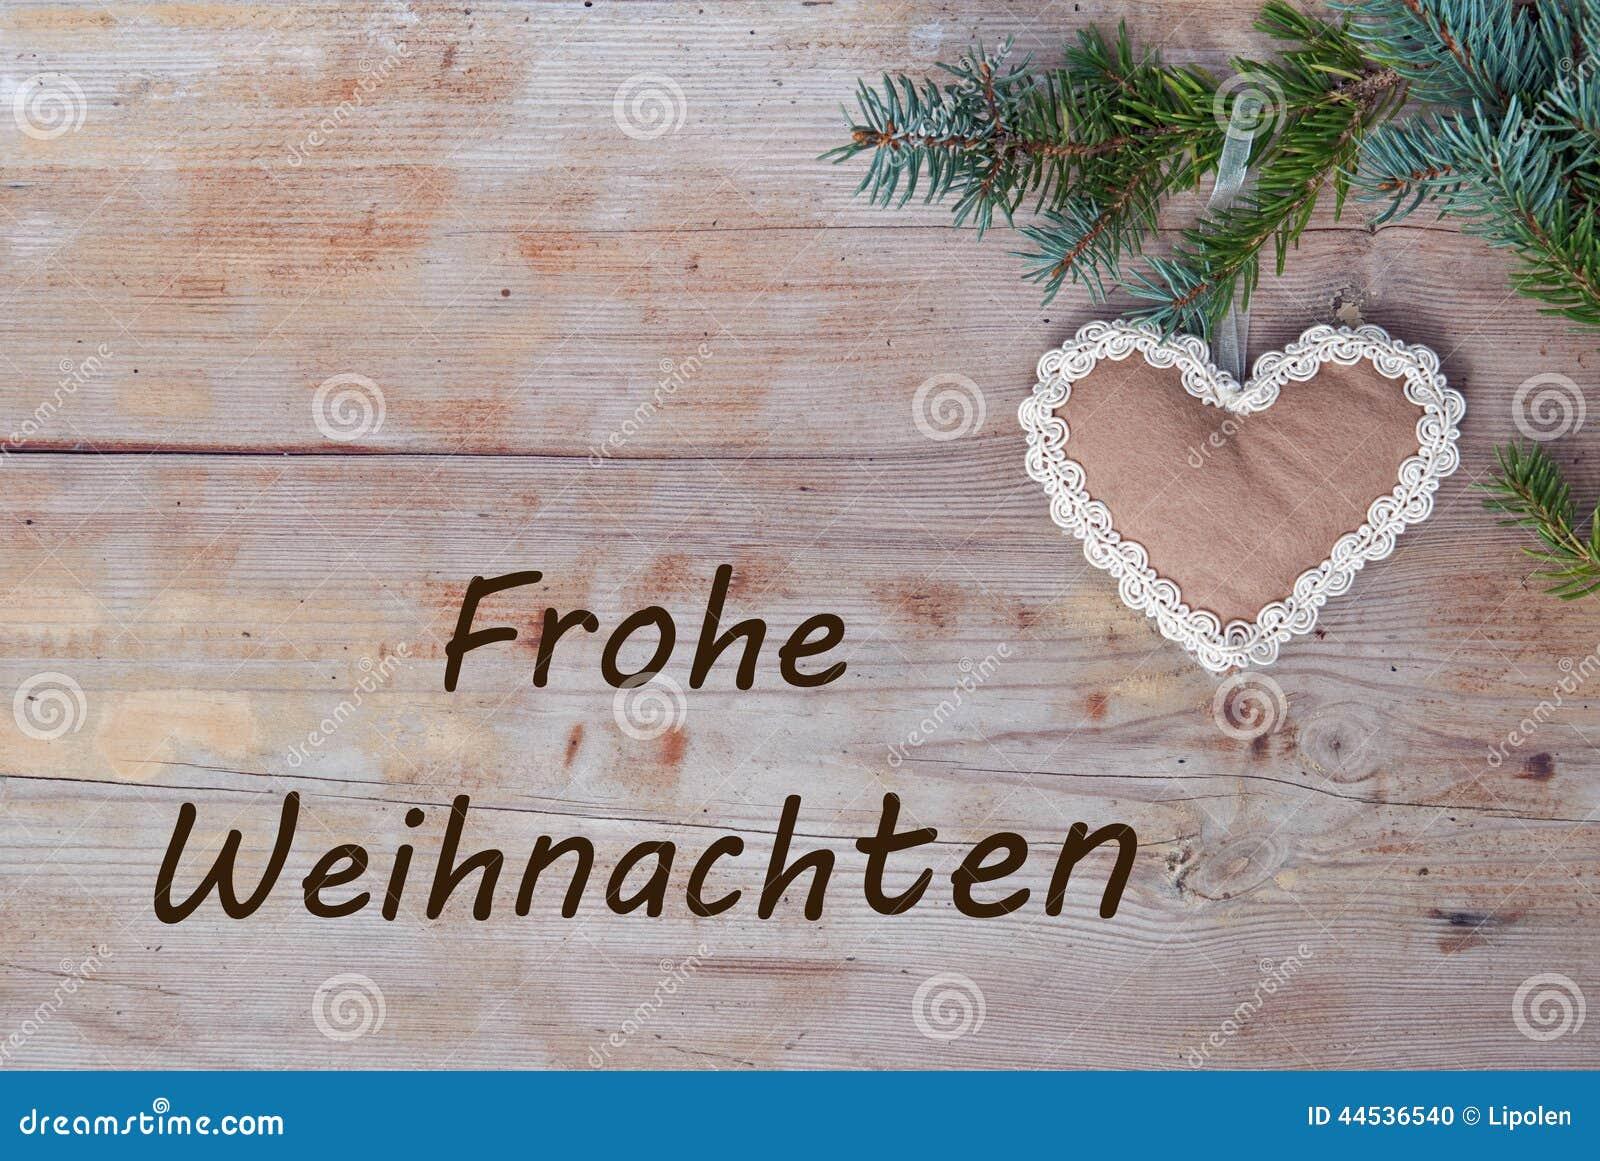 Fensterlicht Weihnachten.Naturliche Weihnachtsgrusse Auf Deutsch Frohe Weihnachten